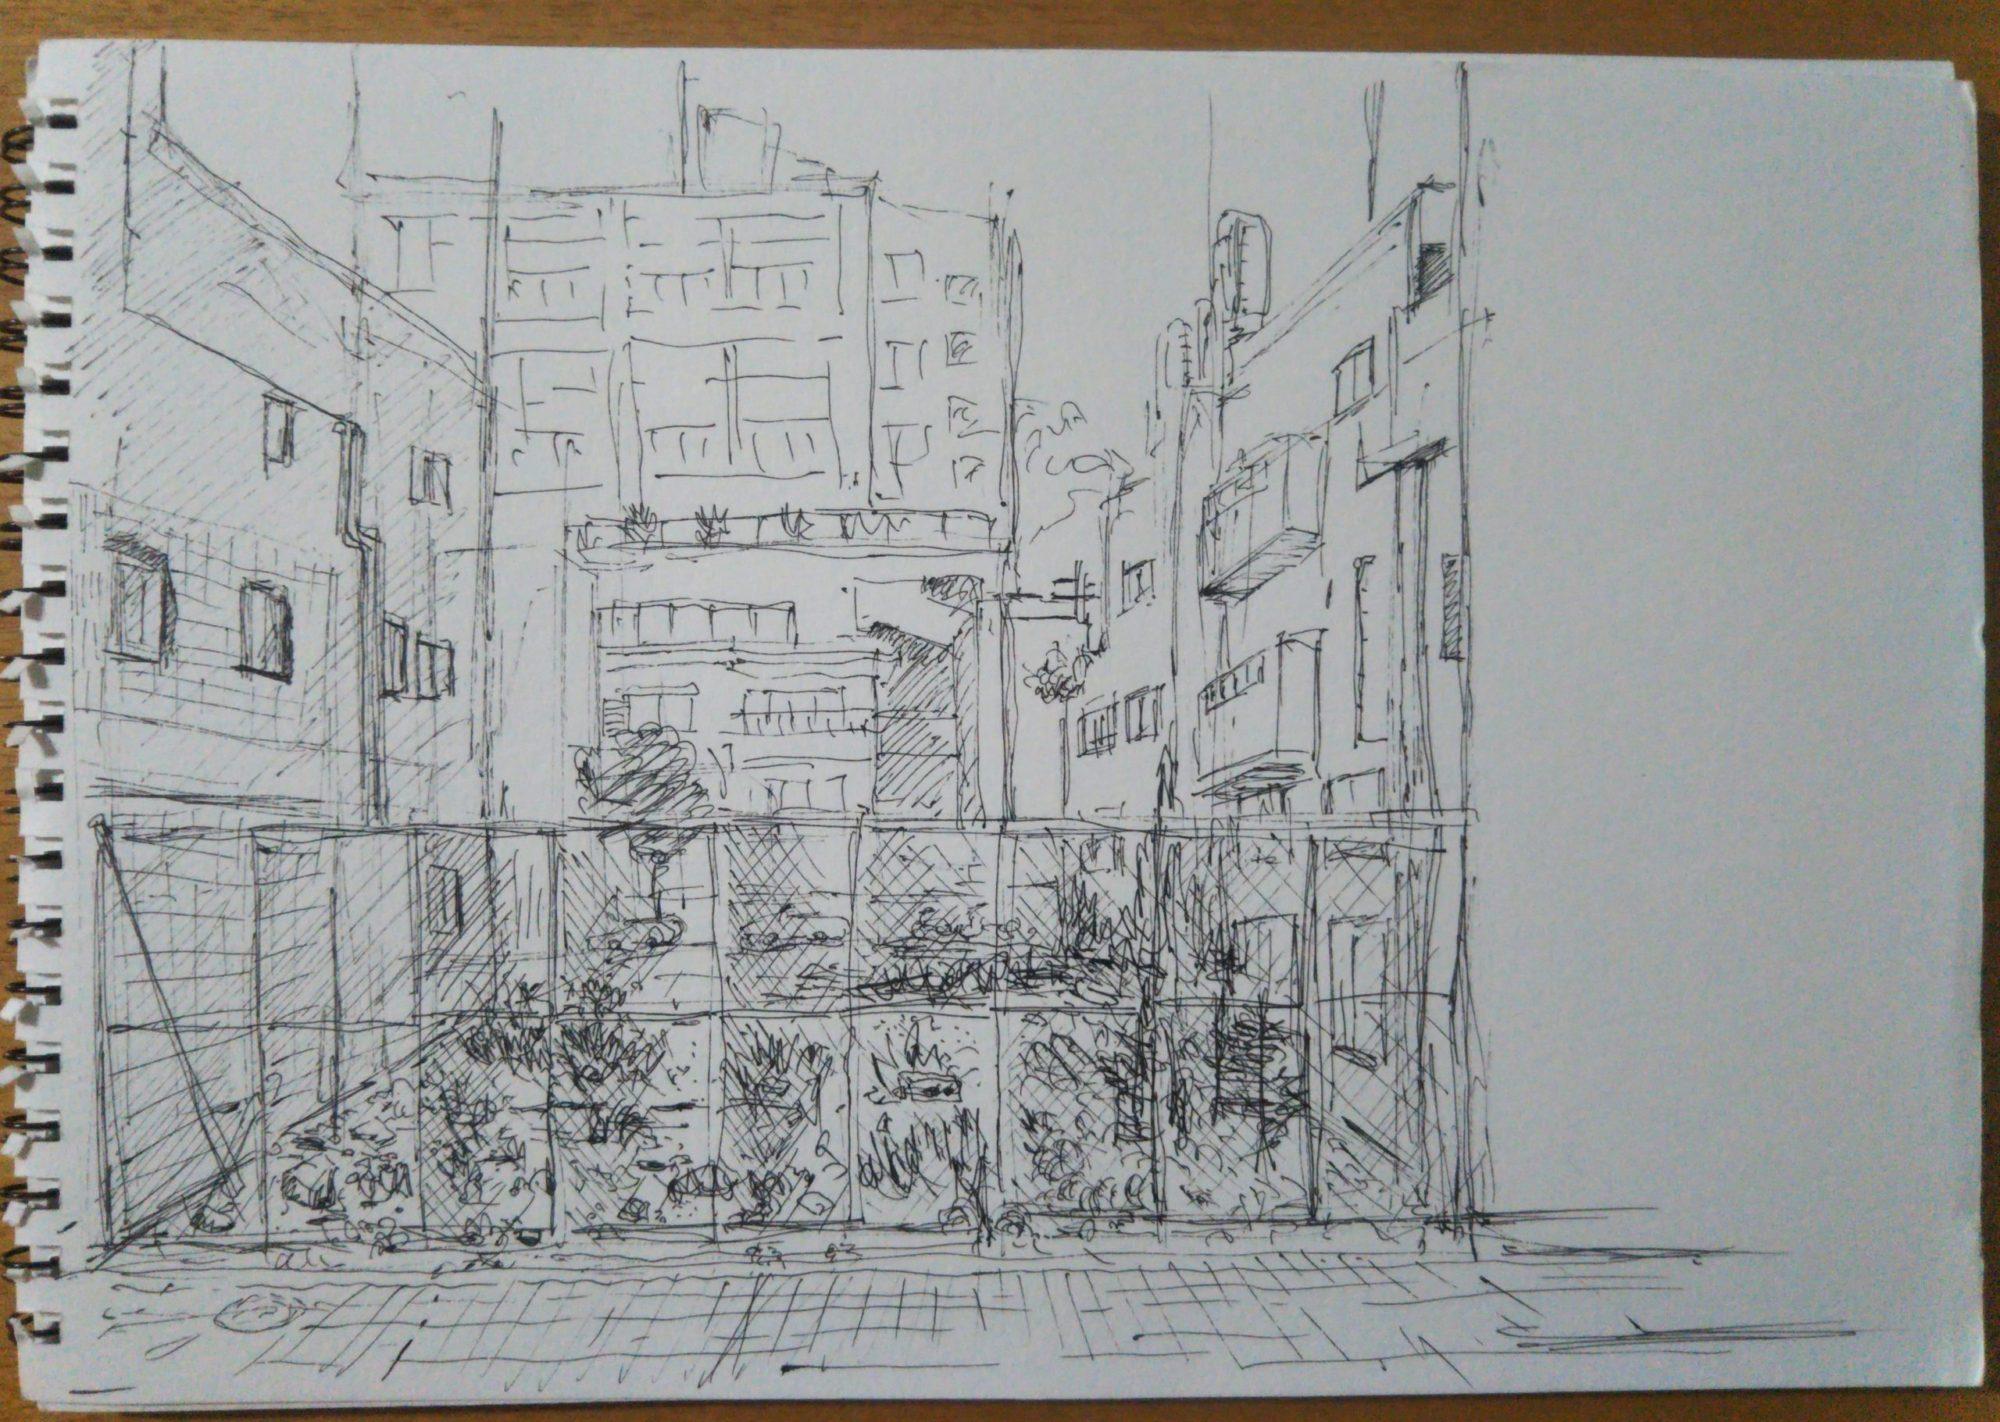 大竹幹 建築設計室